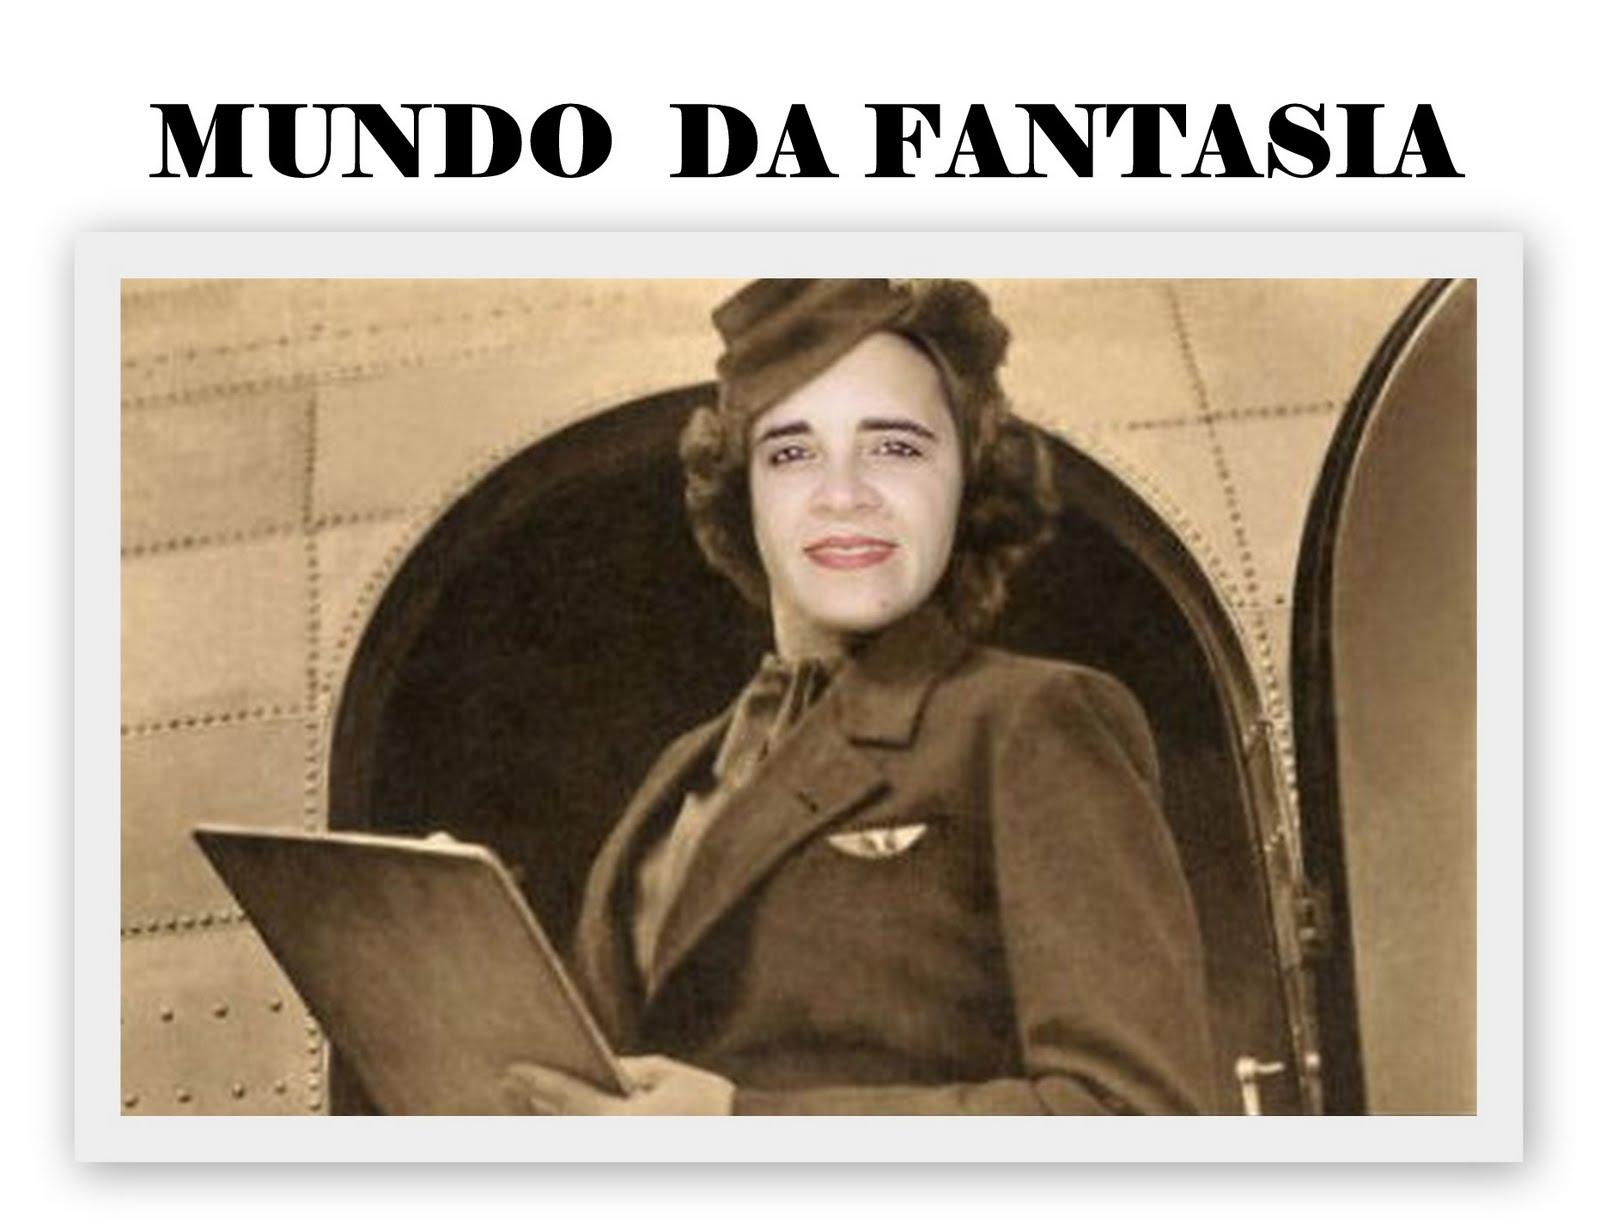 MUNDO DA FANTASIA